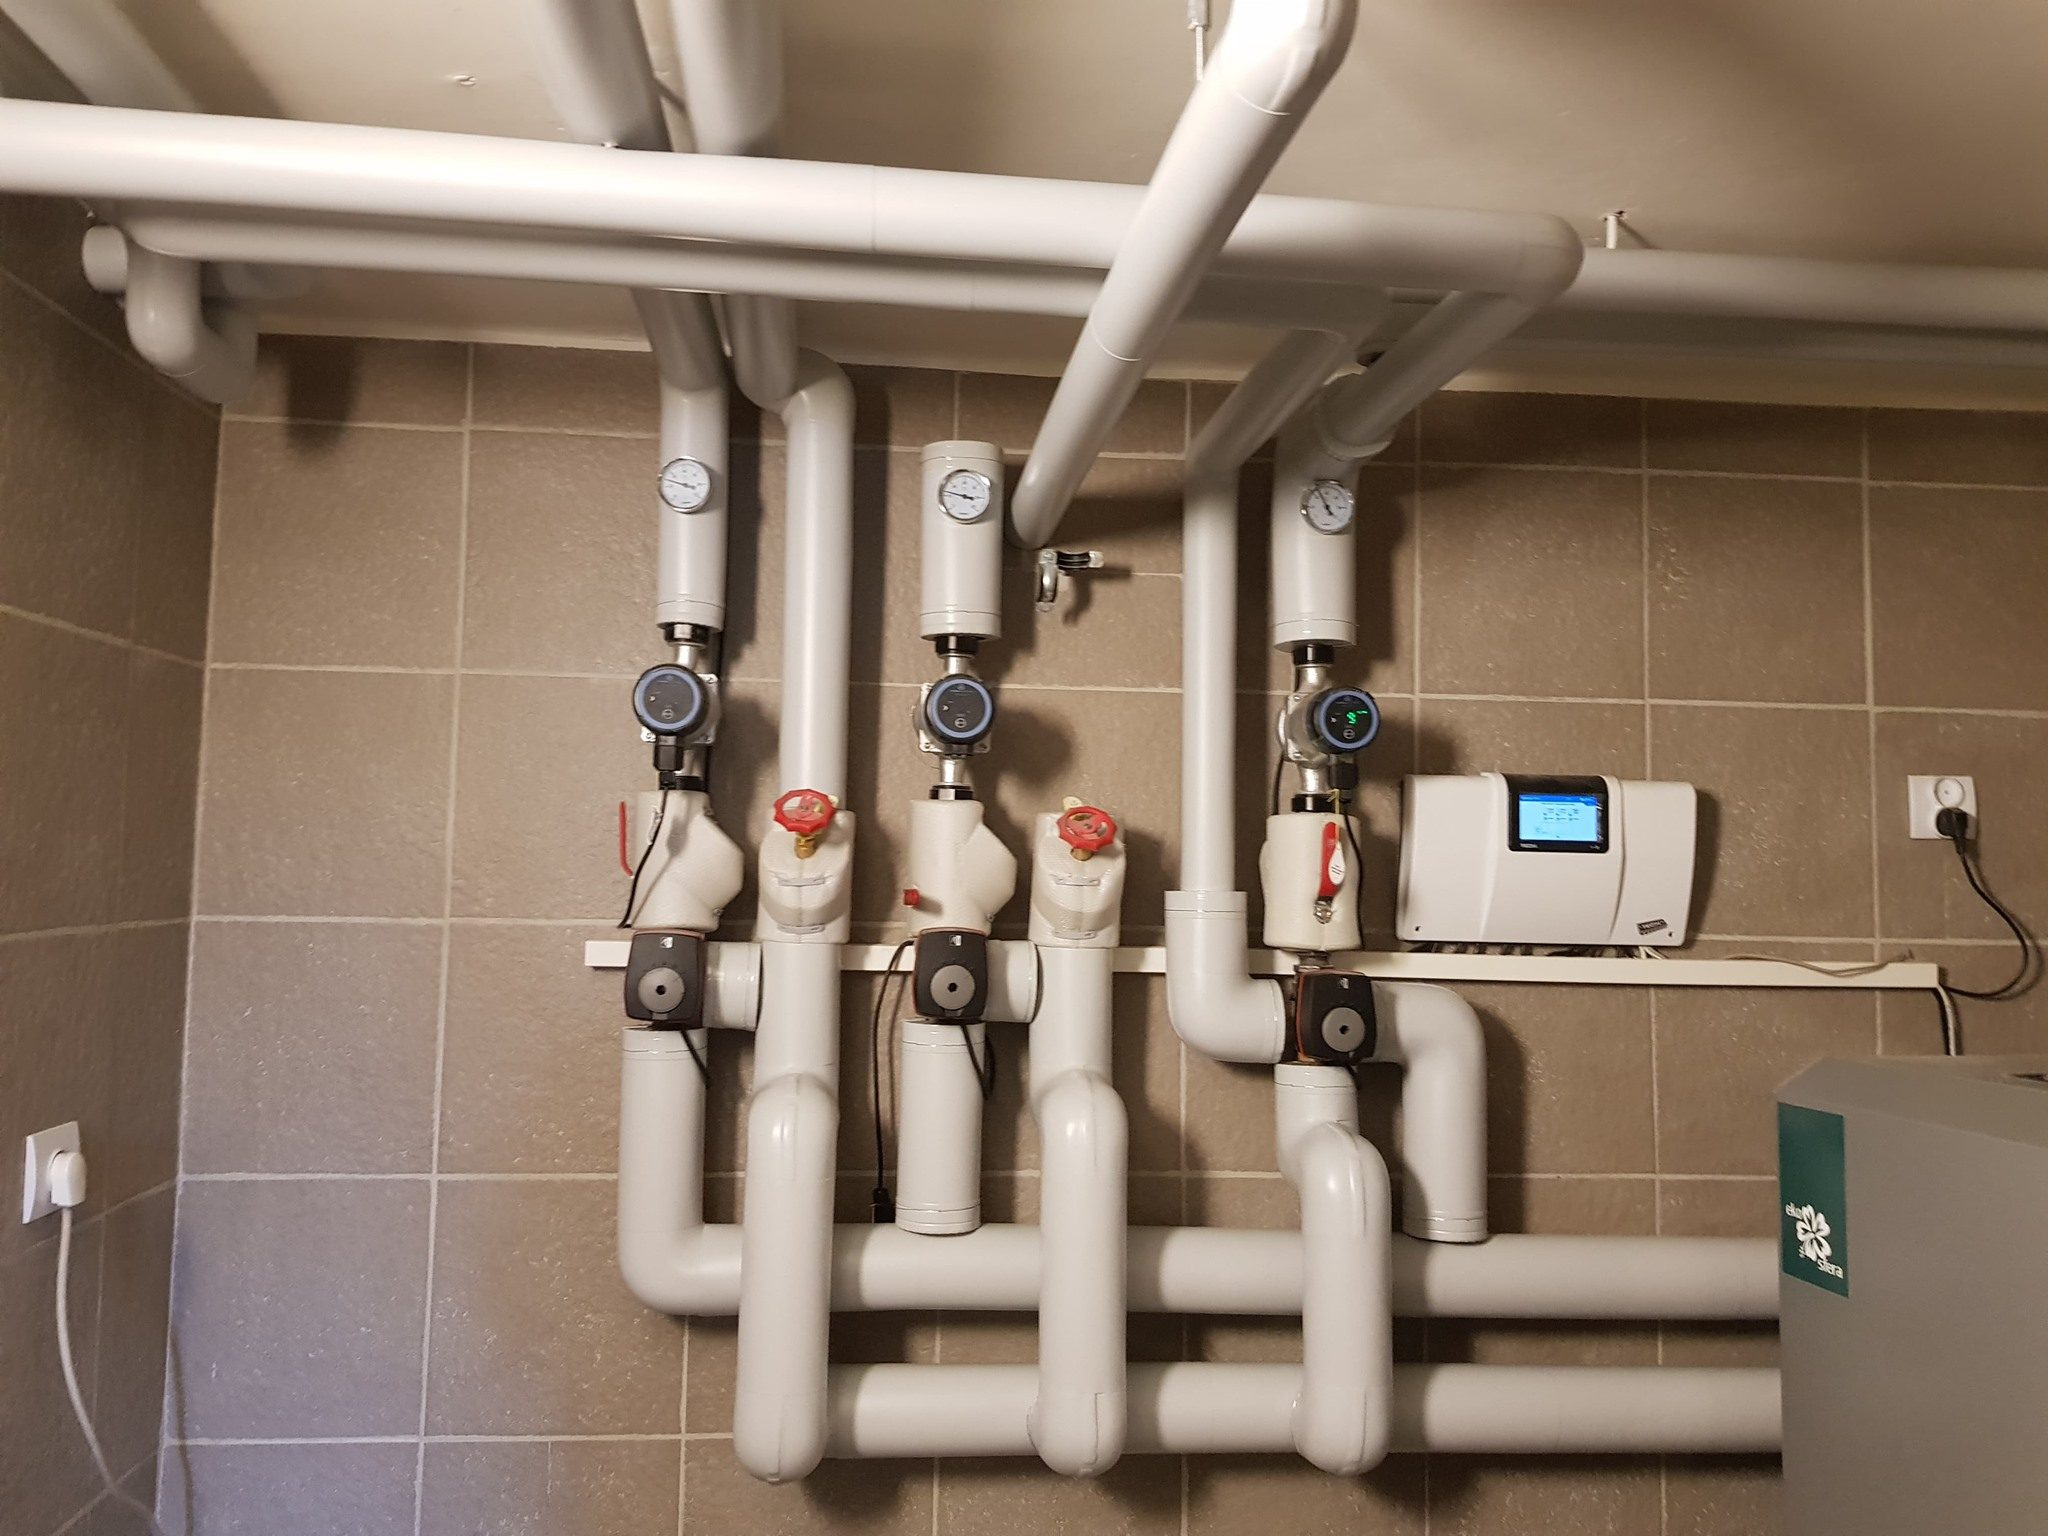 Wymiana instalacji w domu rodzinnym z dodatkowym ociepleniem rur / Wadowice